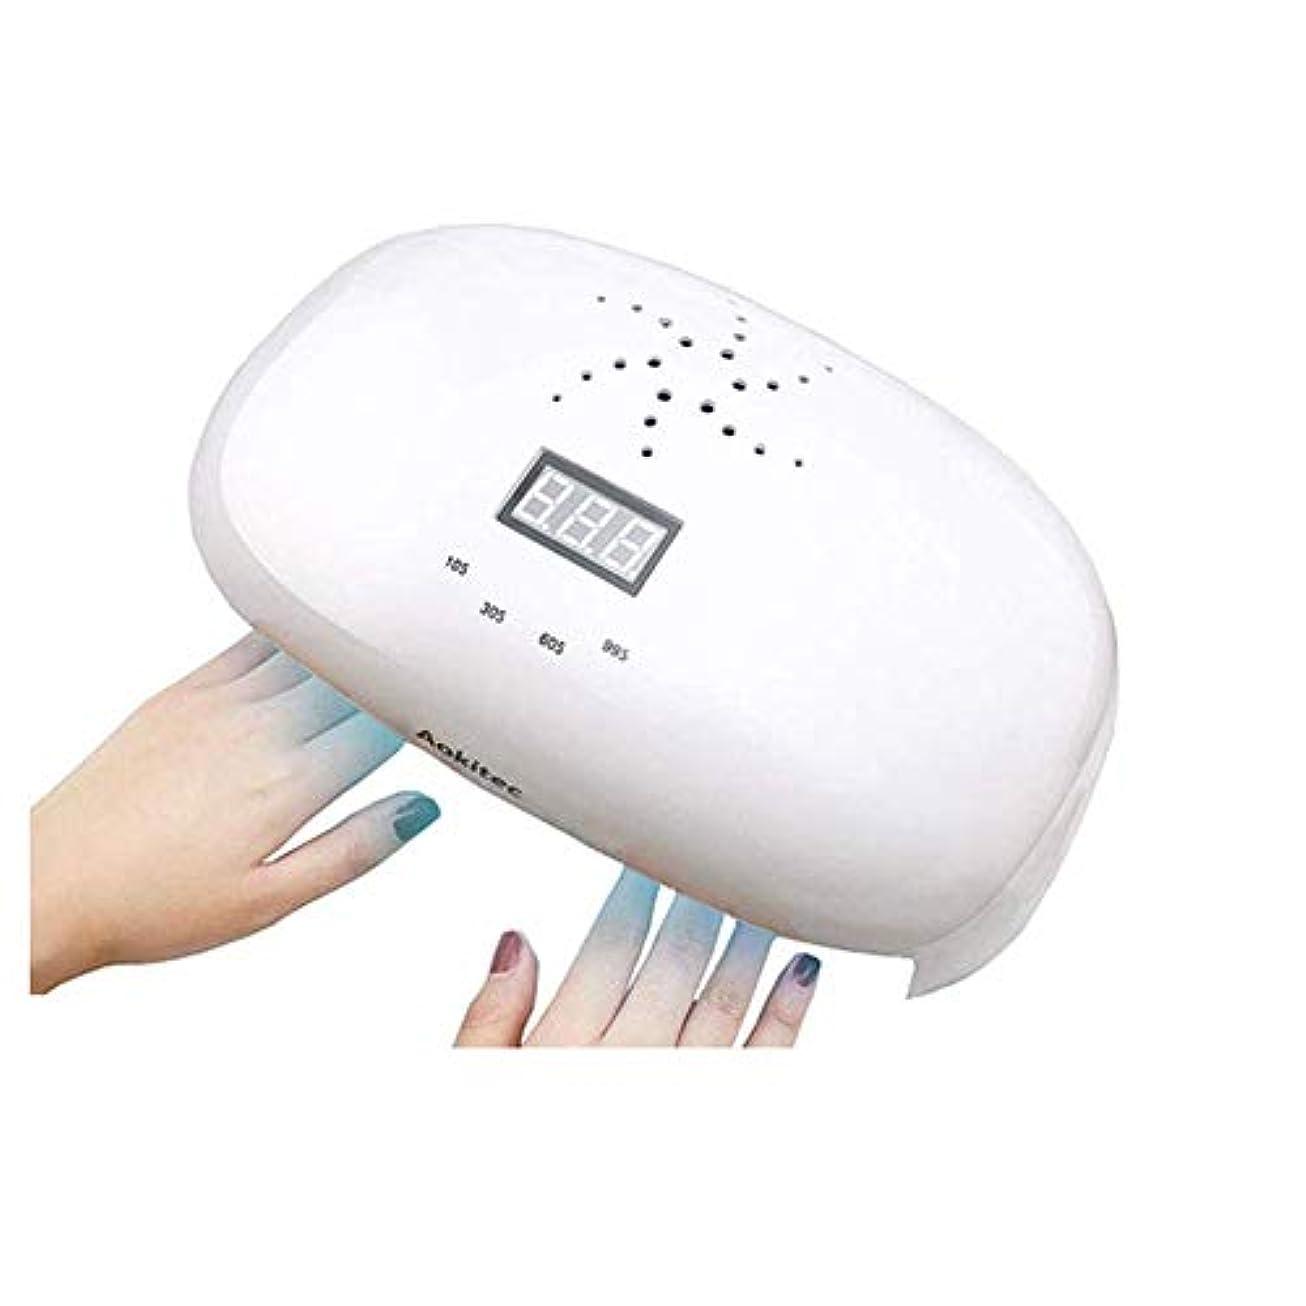 シルクマート適応UV ledネイルランプ78ワットネイルドライヤー用オールジェル両手赤外線センサー4タイマー液晶ディスプレイ56ビーズサロンランプマニキュア